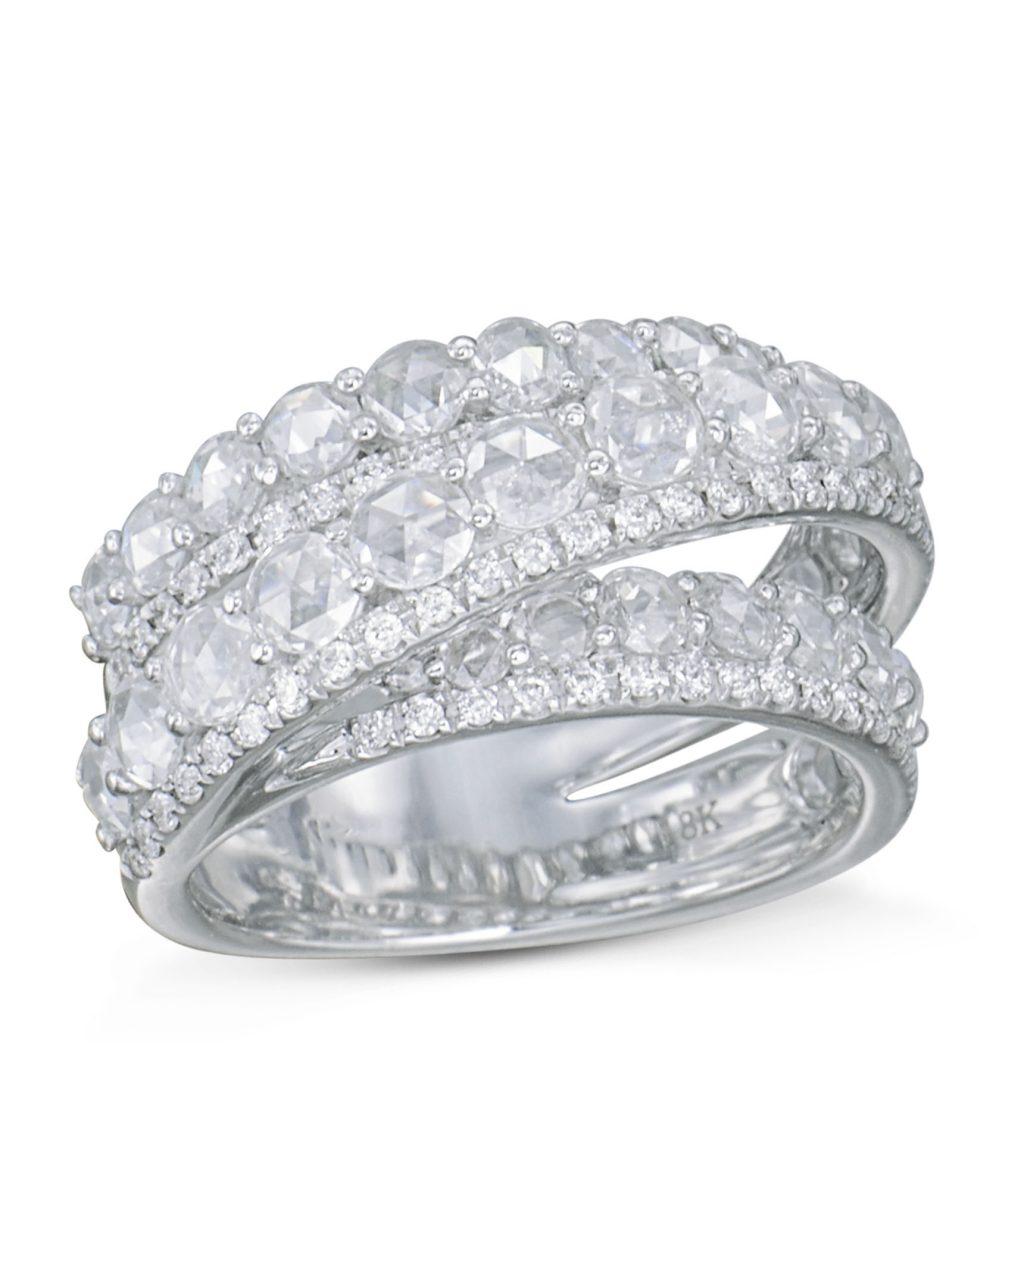 3 Strand Diamond and White Gold Ring - Turgeon Raine